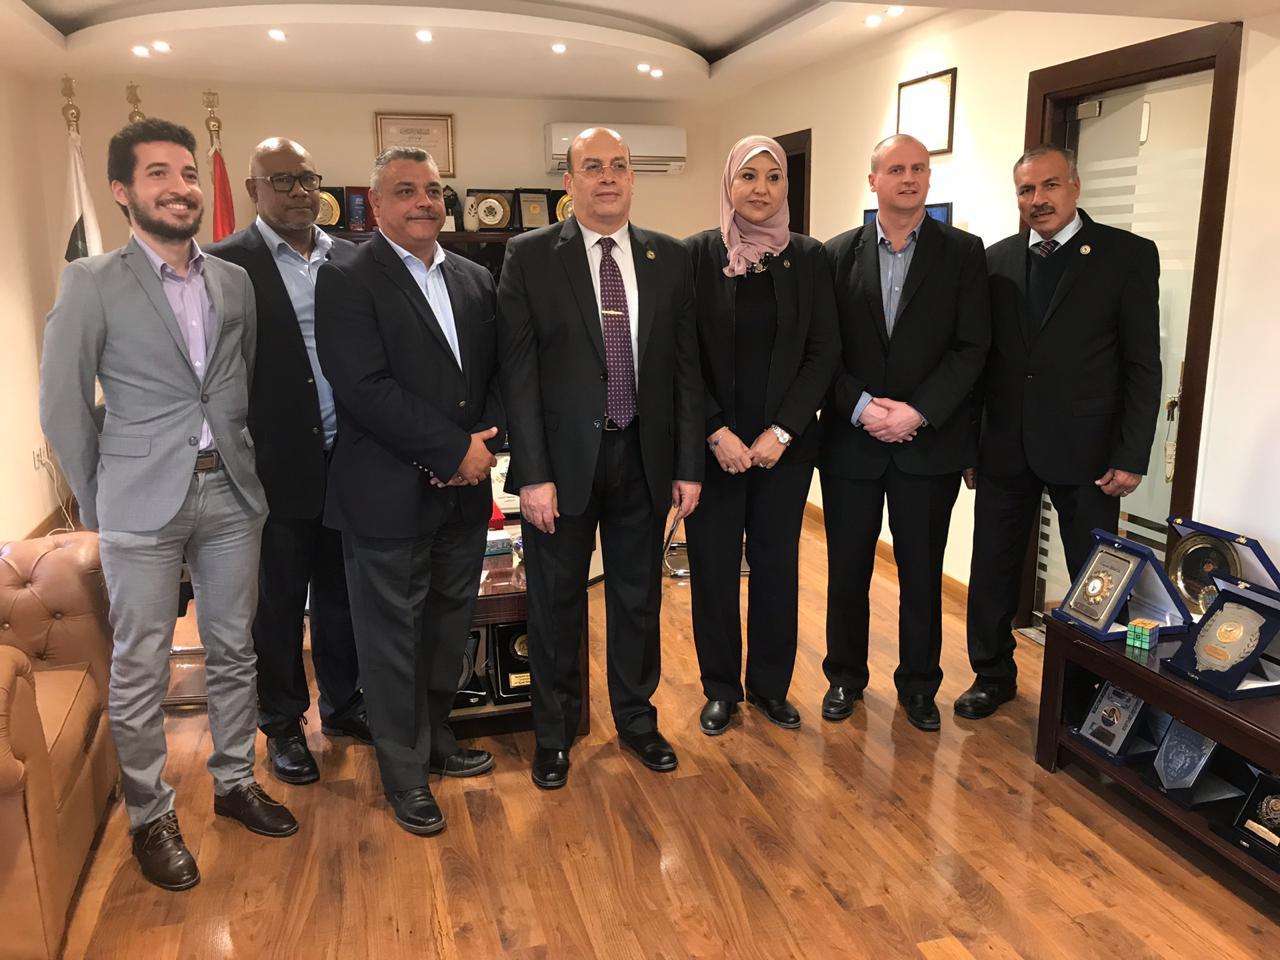 وفد الوكالة الدولية فى زيارة تفقدية للنادو المصري